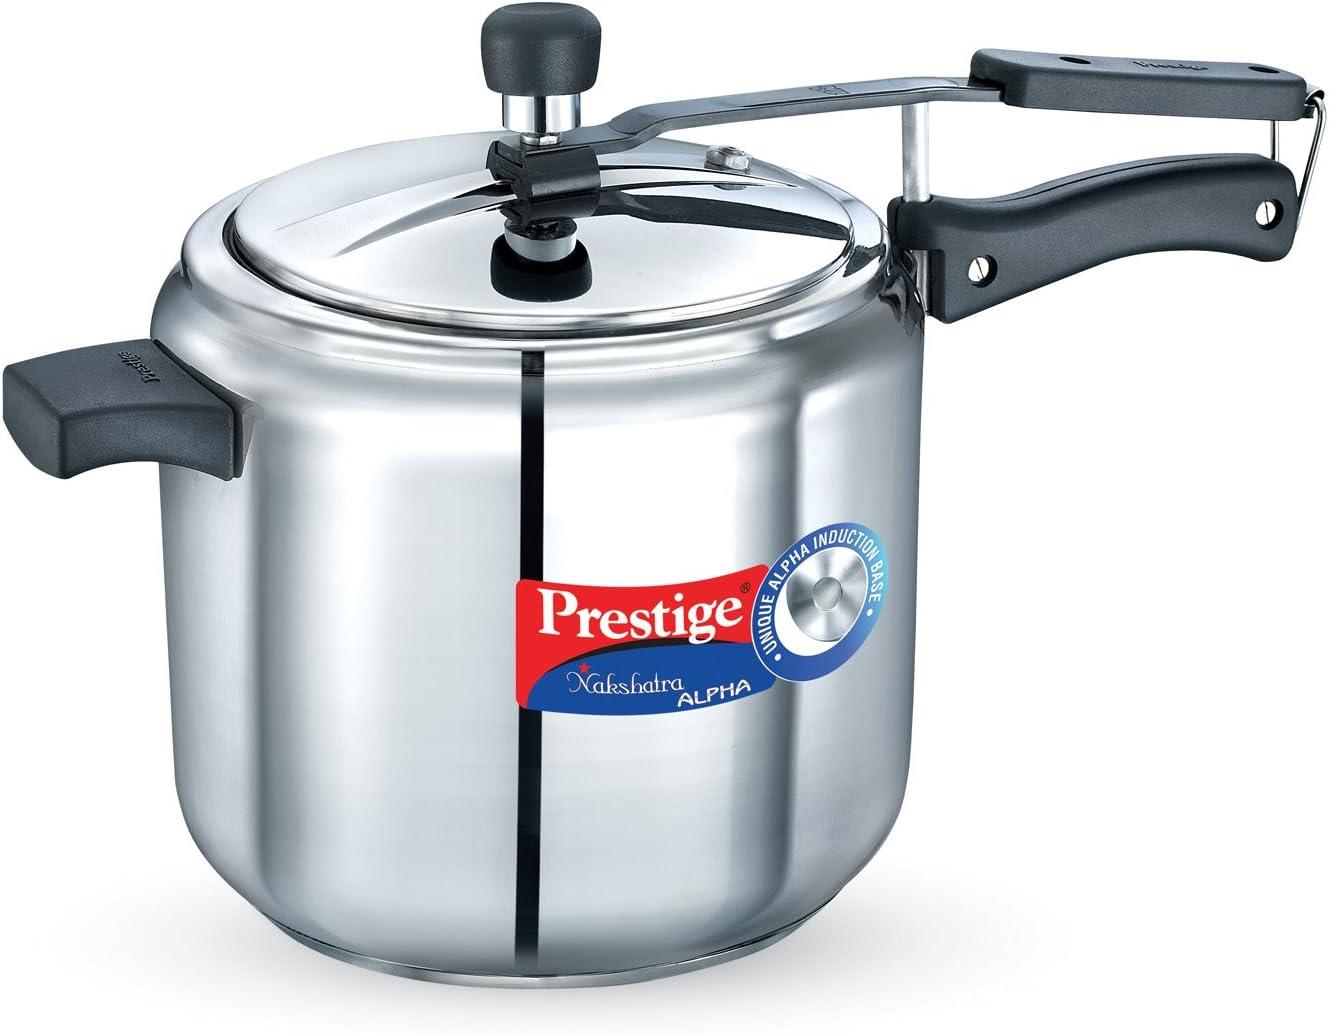 Prestige Nakshatra Alpha Stainless Steel Pressure Cooker, 7 Litres